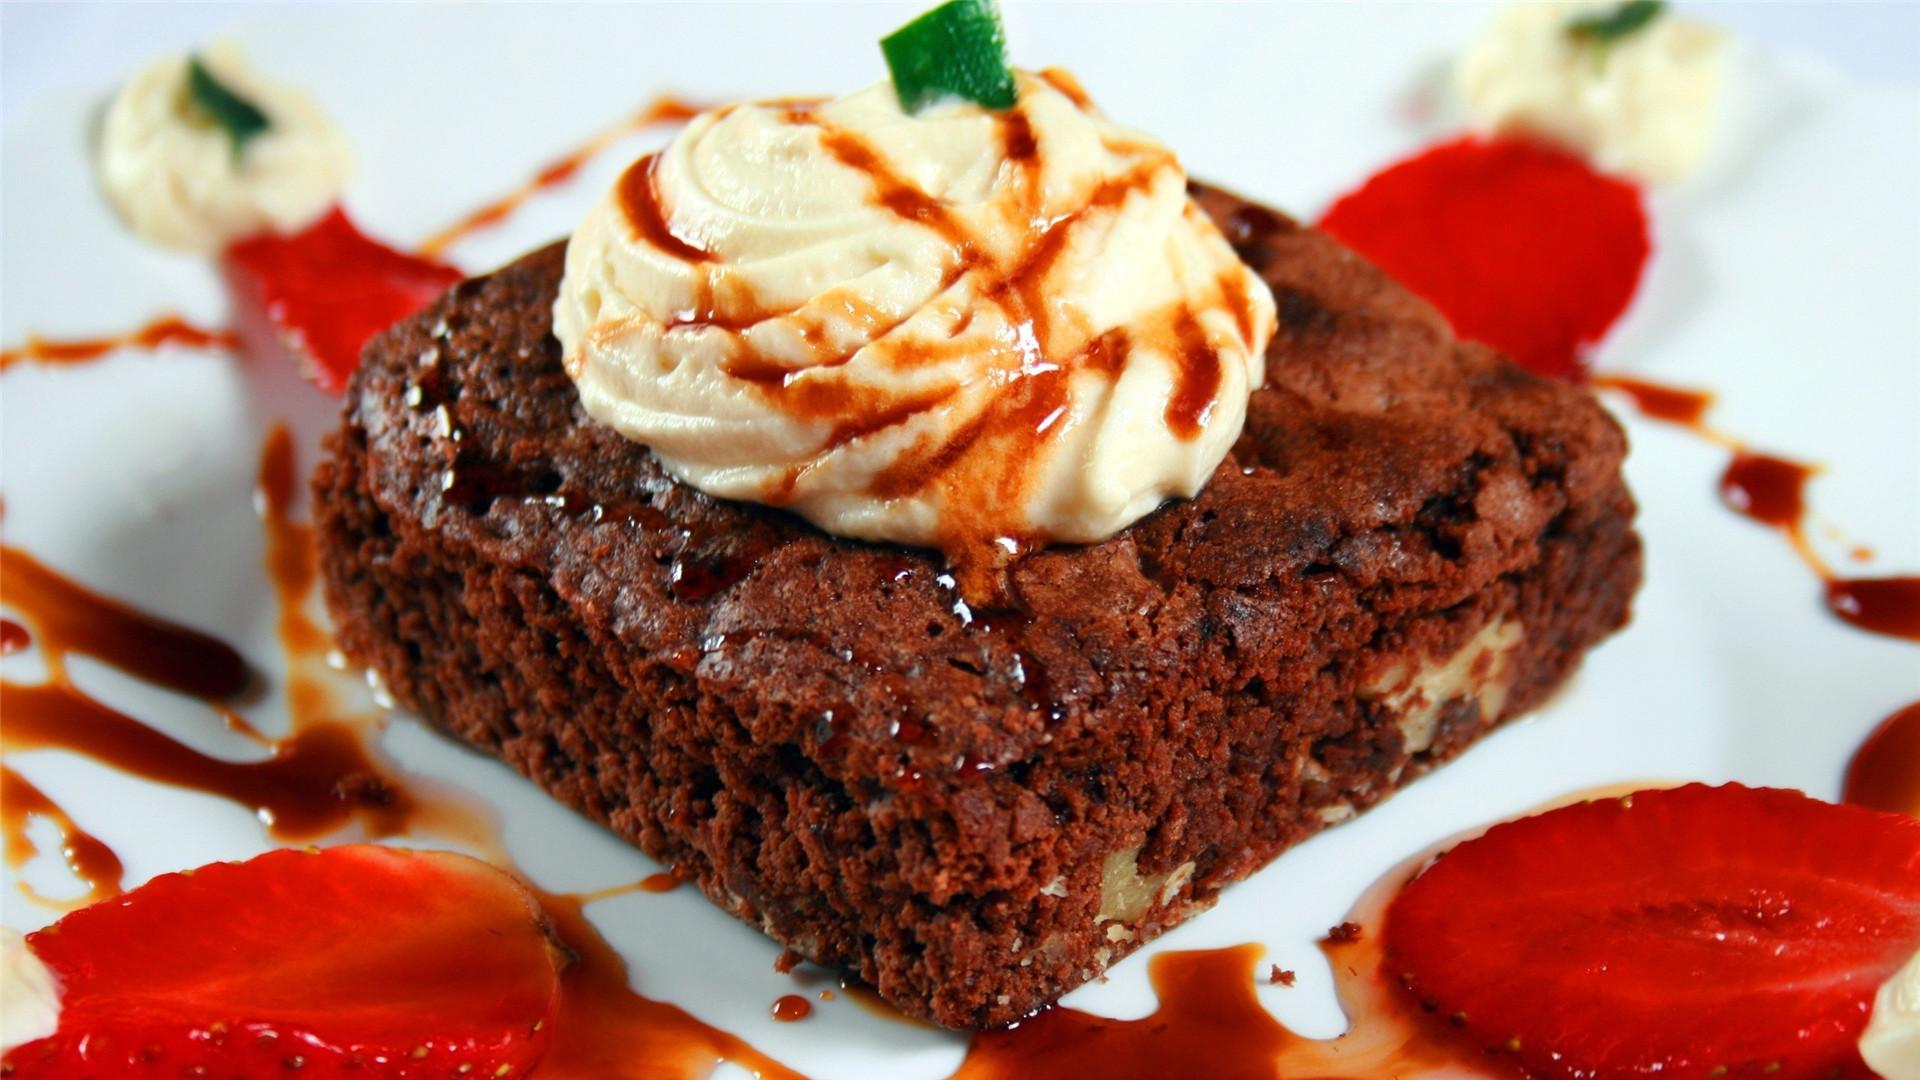 美味高颜值巧克力蛋糕甜品美食壁纸图片